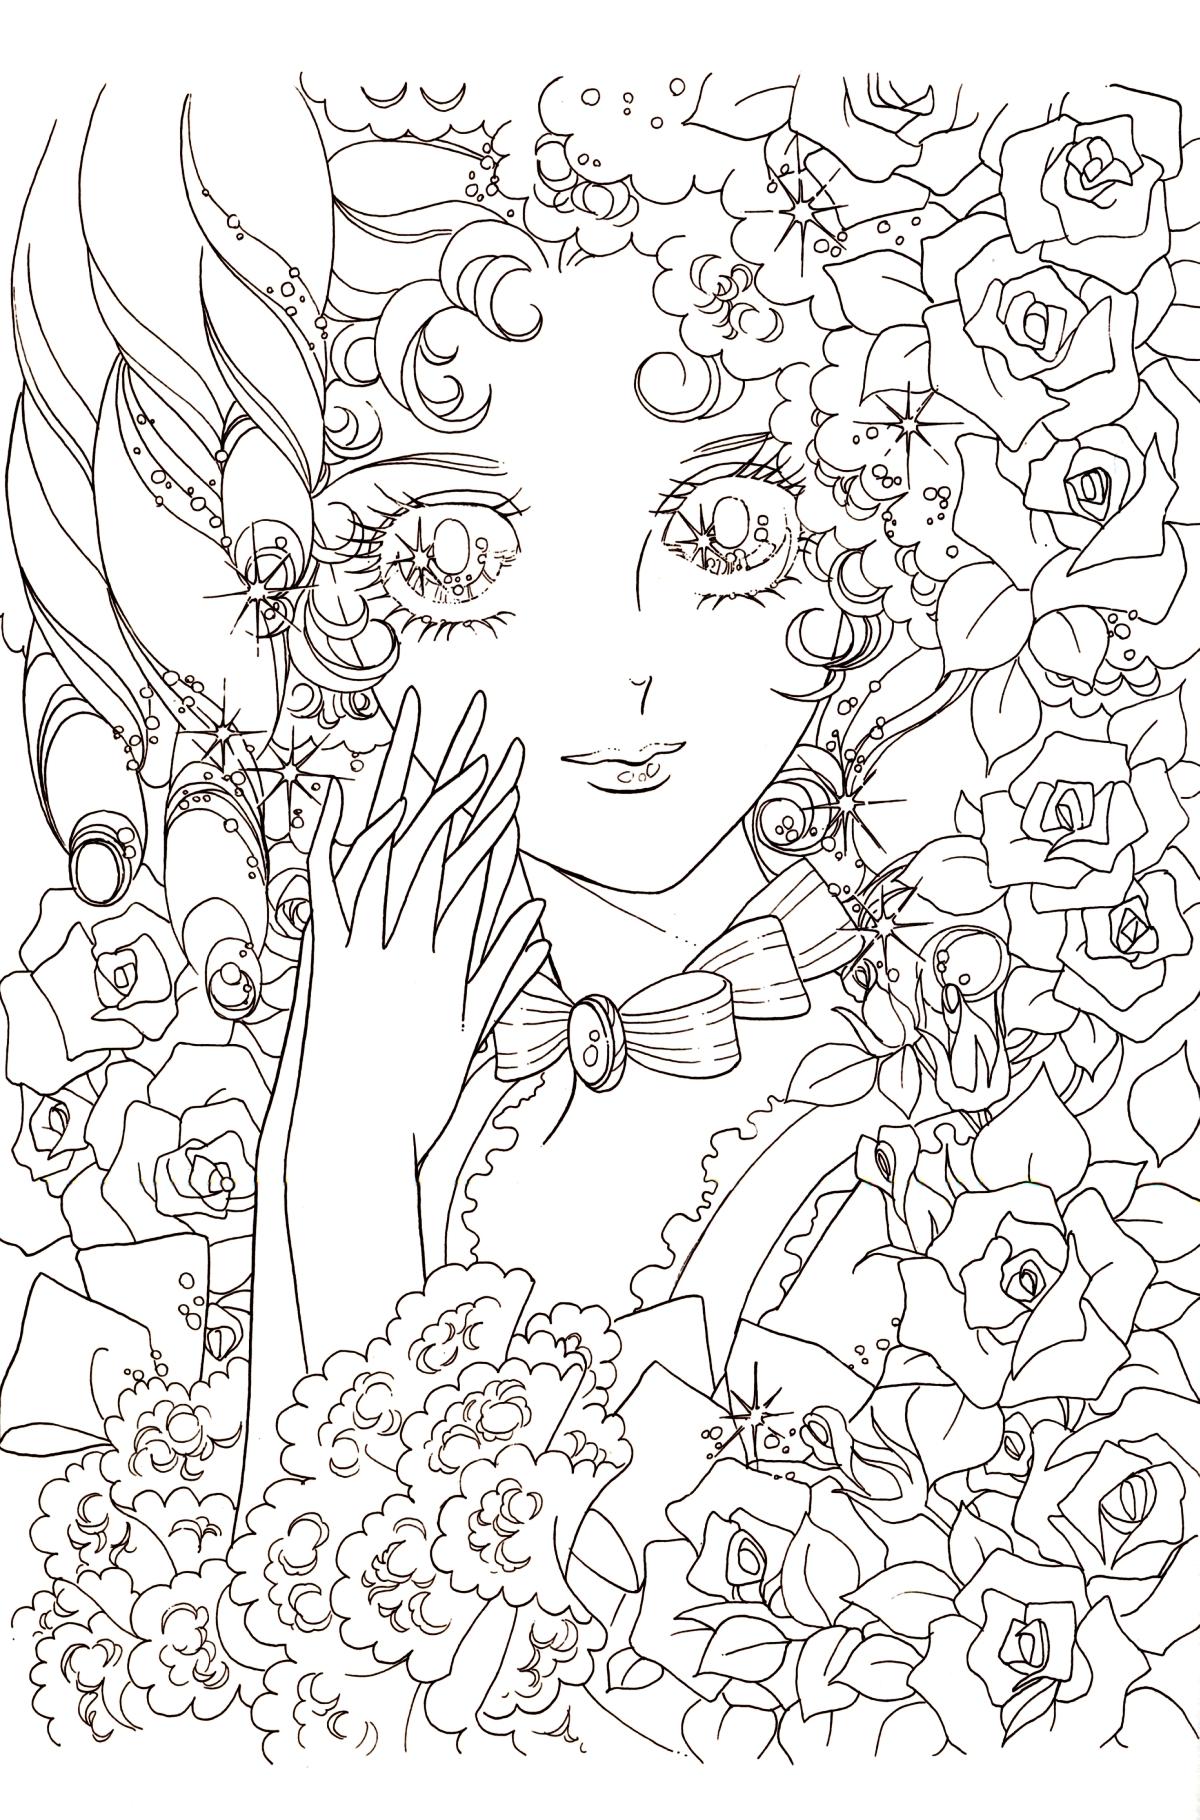 Lady oscar immagini da colorare - Immagini da colorare di rose ...